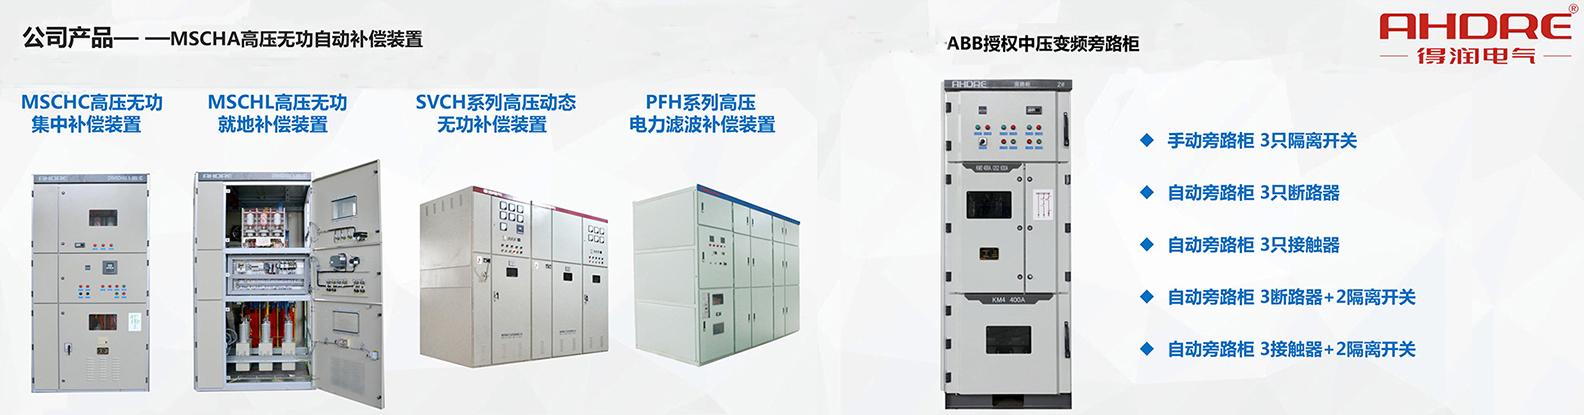 安徽得润电气技术有限公司-banner2